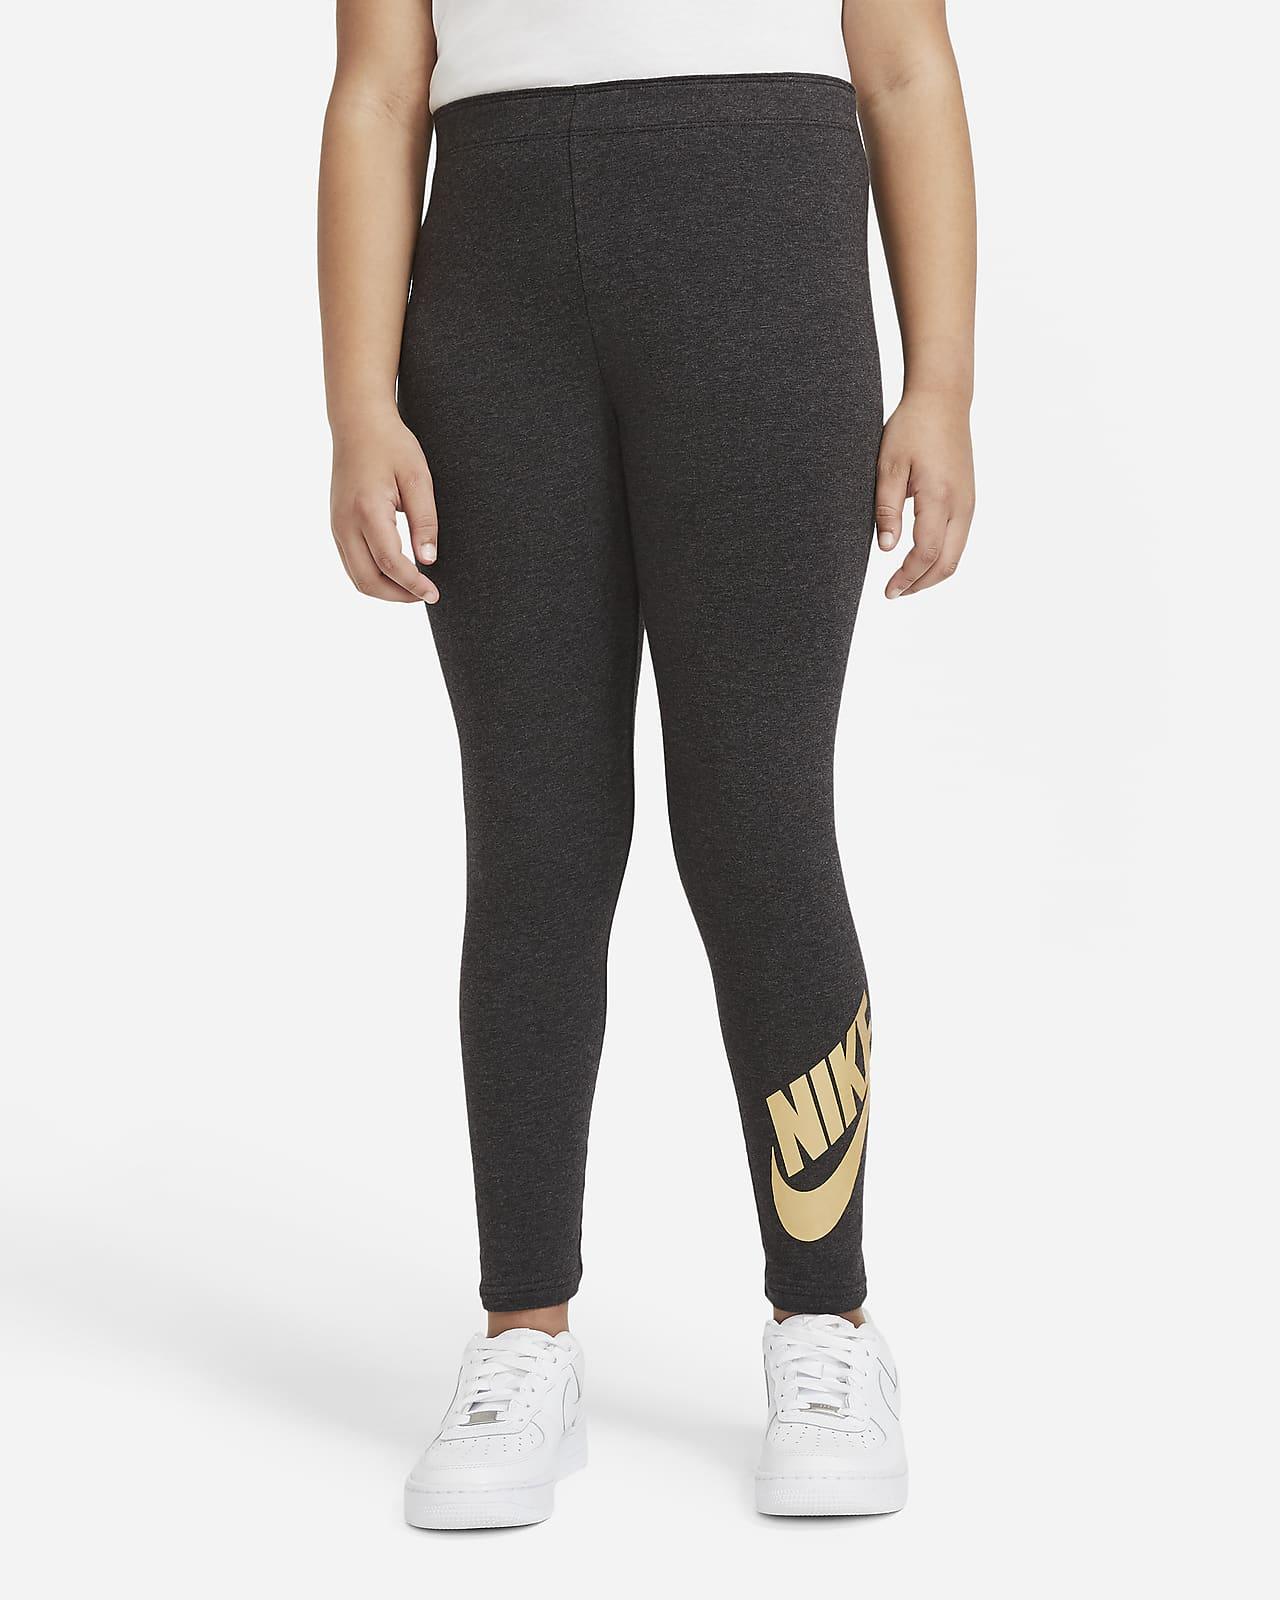 Legginsy dla dużych dzieci (dziewcząt) Nike Sportswear Favorites (o wydłużonym rozmiarze)